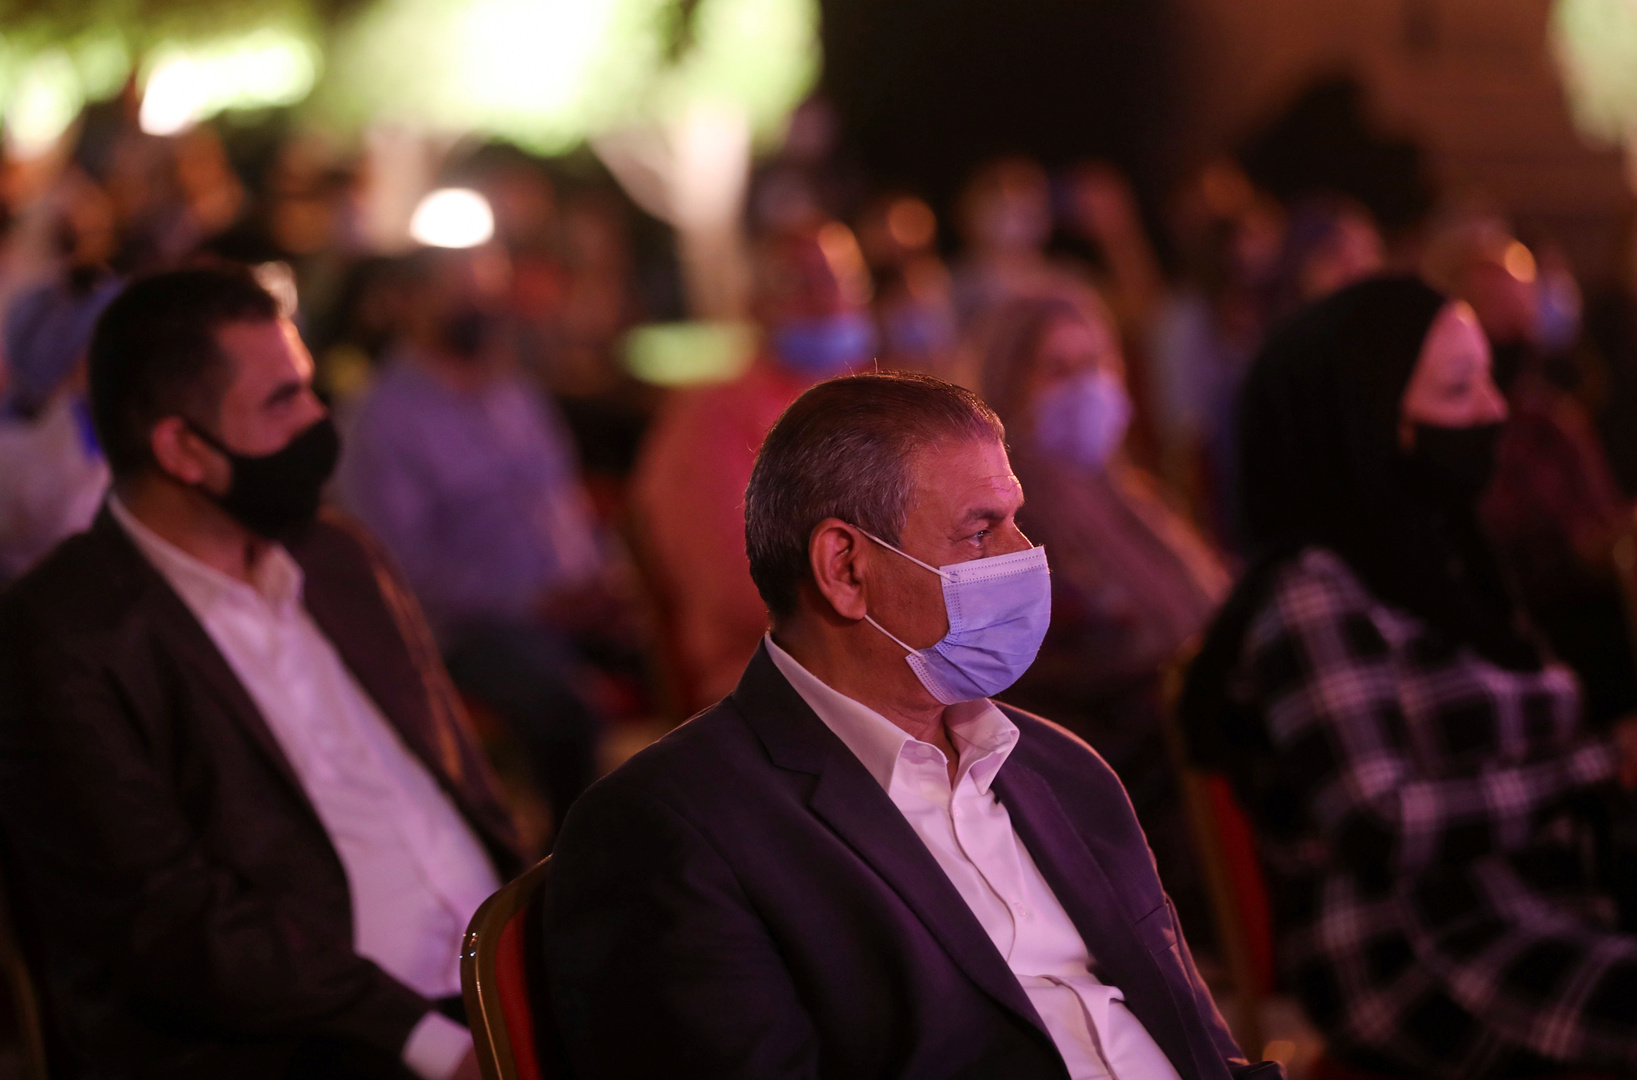 مصر تسجل 112 إصابة و24 وفاة جديدة بكورونا